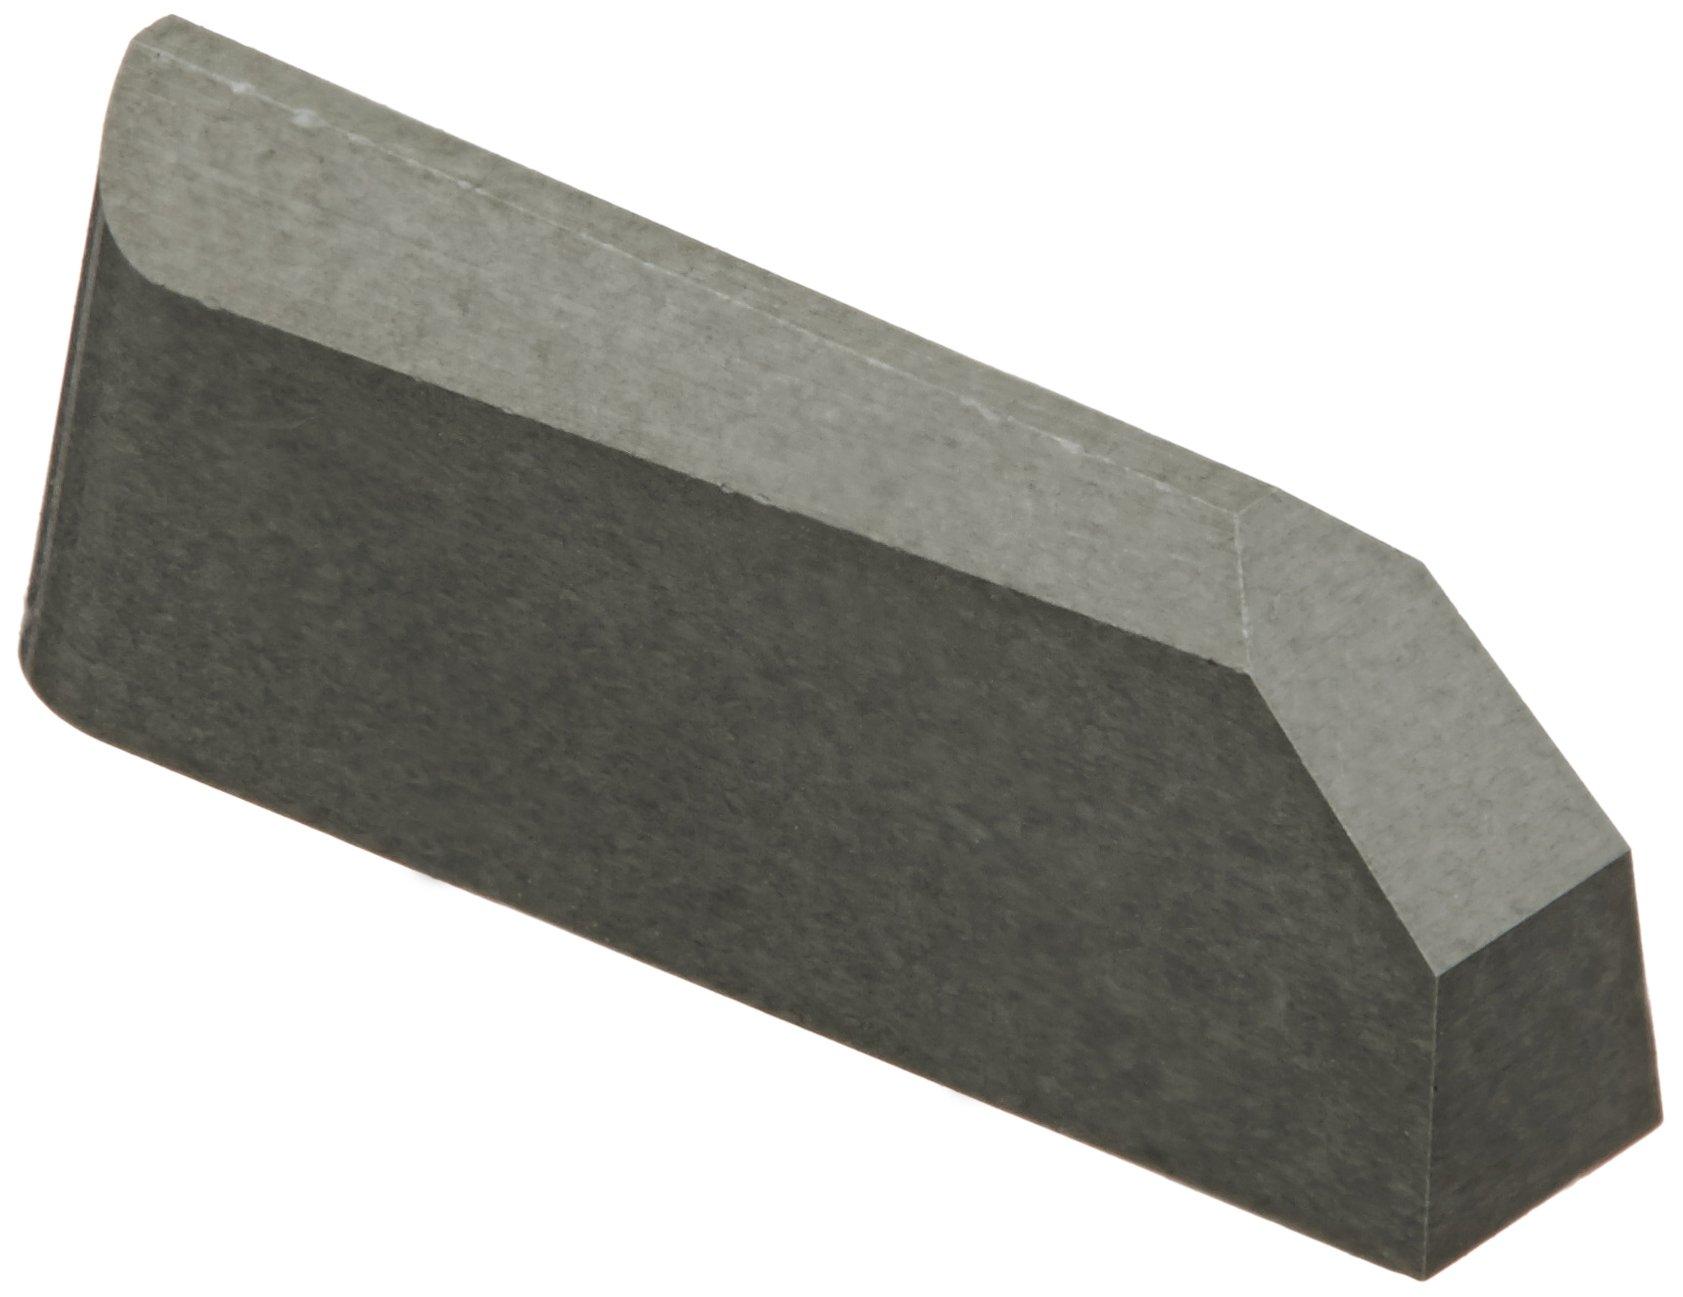 Sandvik Coromant T-Max Ceramic Profiling Insert, CC670 Grade, Uncoated, 1 Cutting Edge, CSG-6250-A, 0.125'' Corner Radius, 3 Insert Seat Size (Pack of 10)